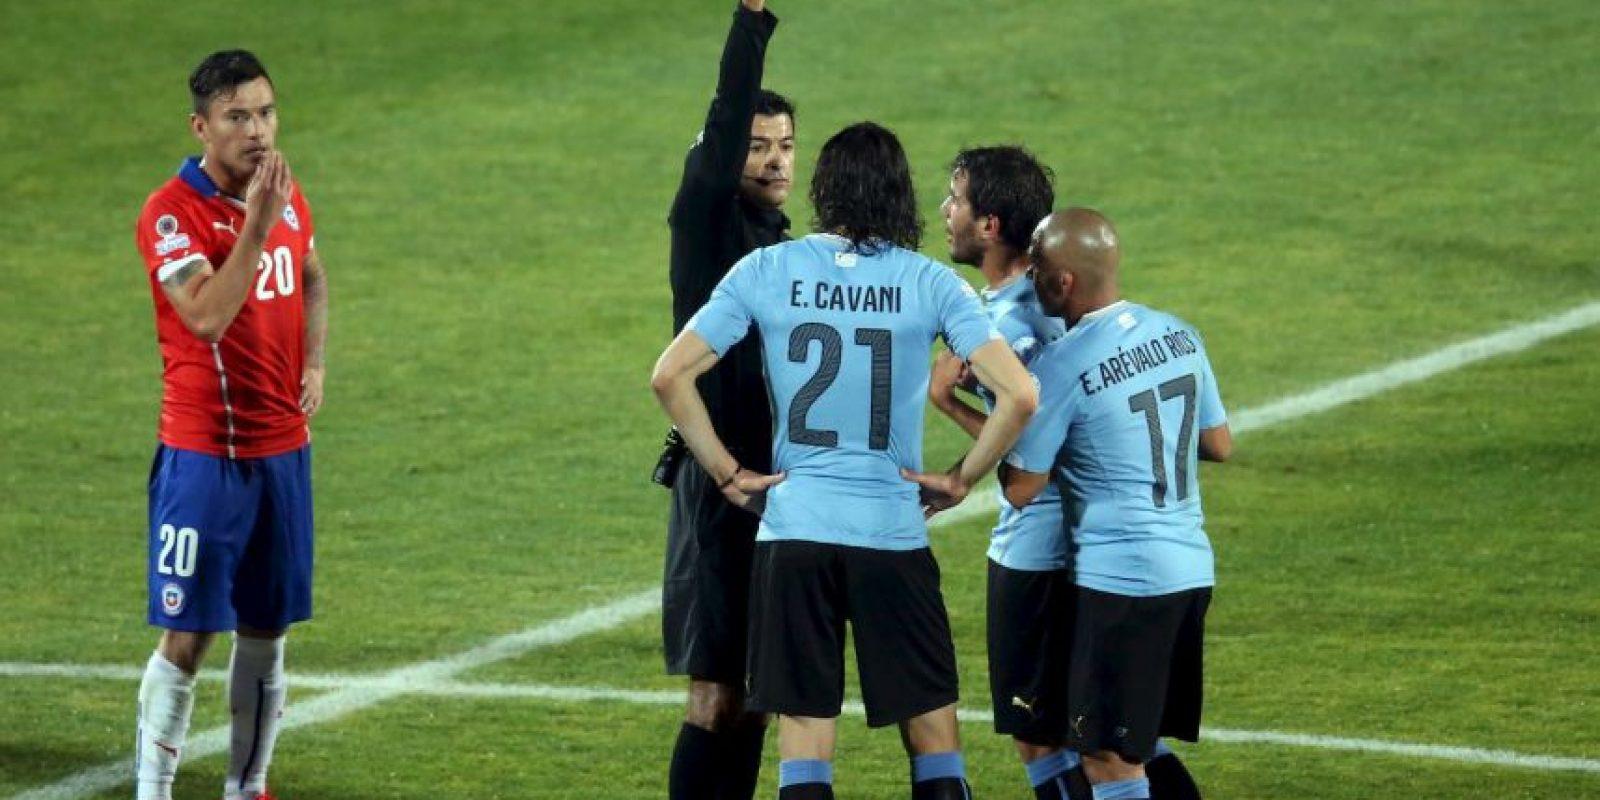 El réferi vio la bofetada que dio el delantero charrúa a Gonzalo Jara, pero no se percató que el chileno tocó el trasero del ariete Foto:AFP